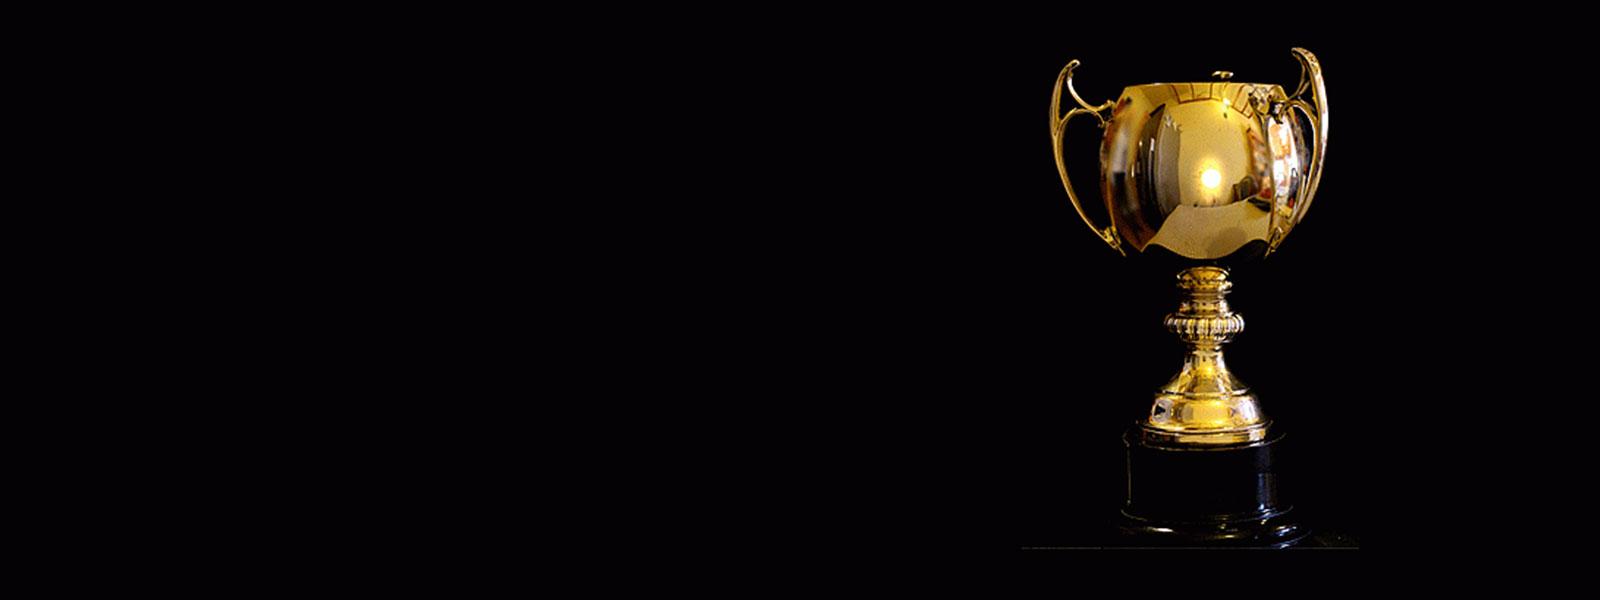 Calum Ian Brown Wins Inaugural P/M Robert G Hardie Memorial Trophy